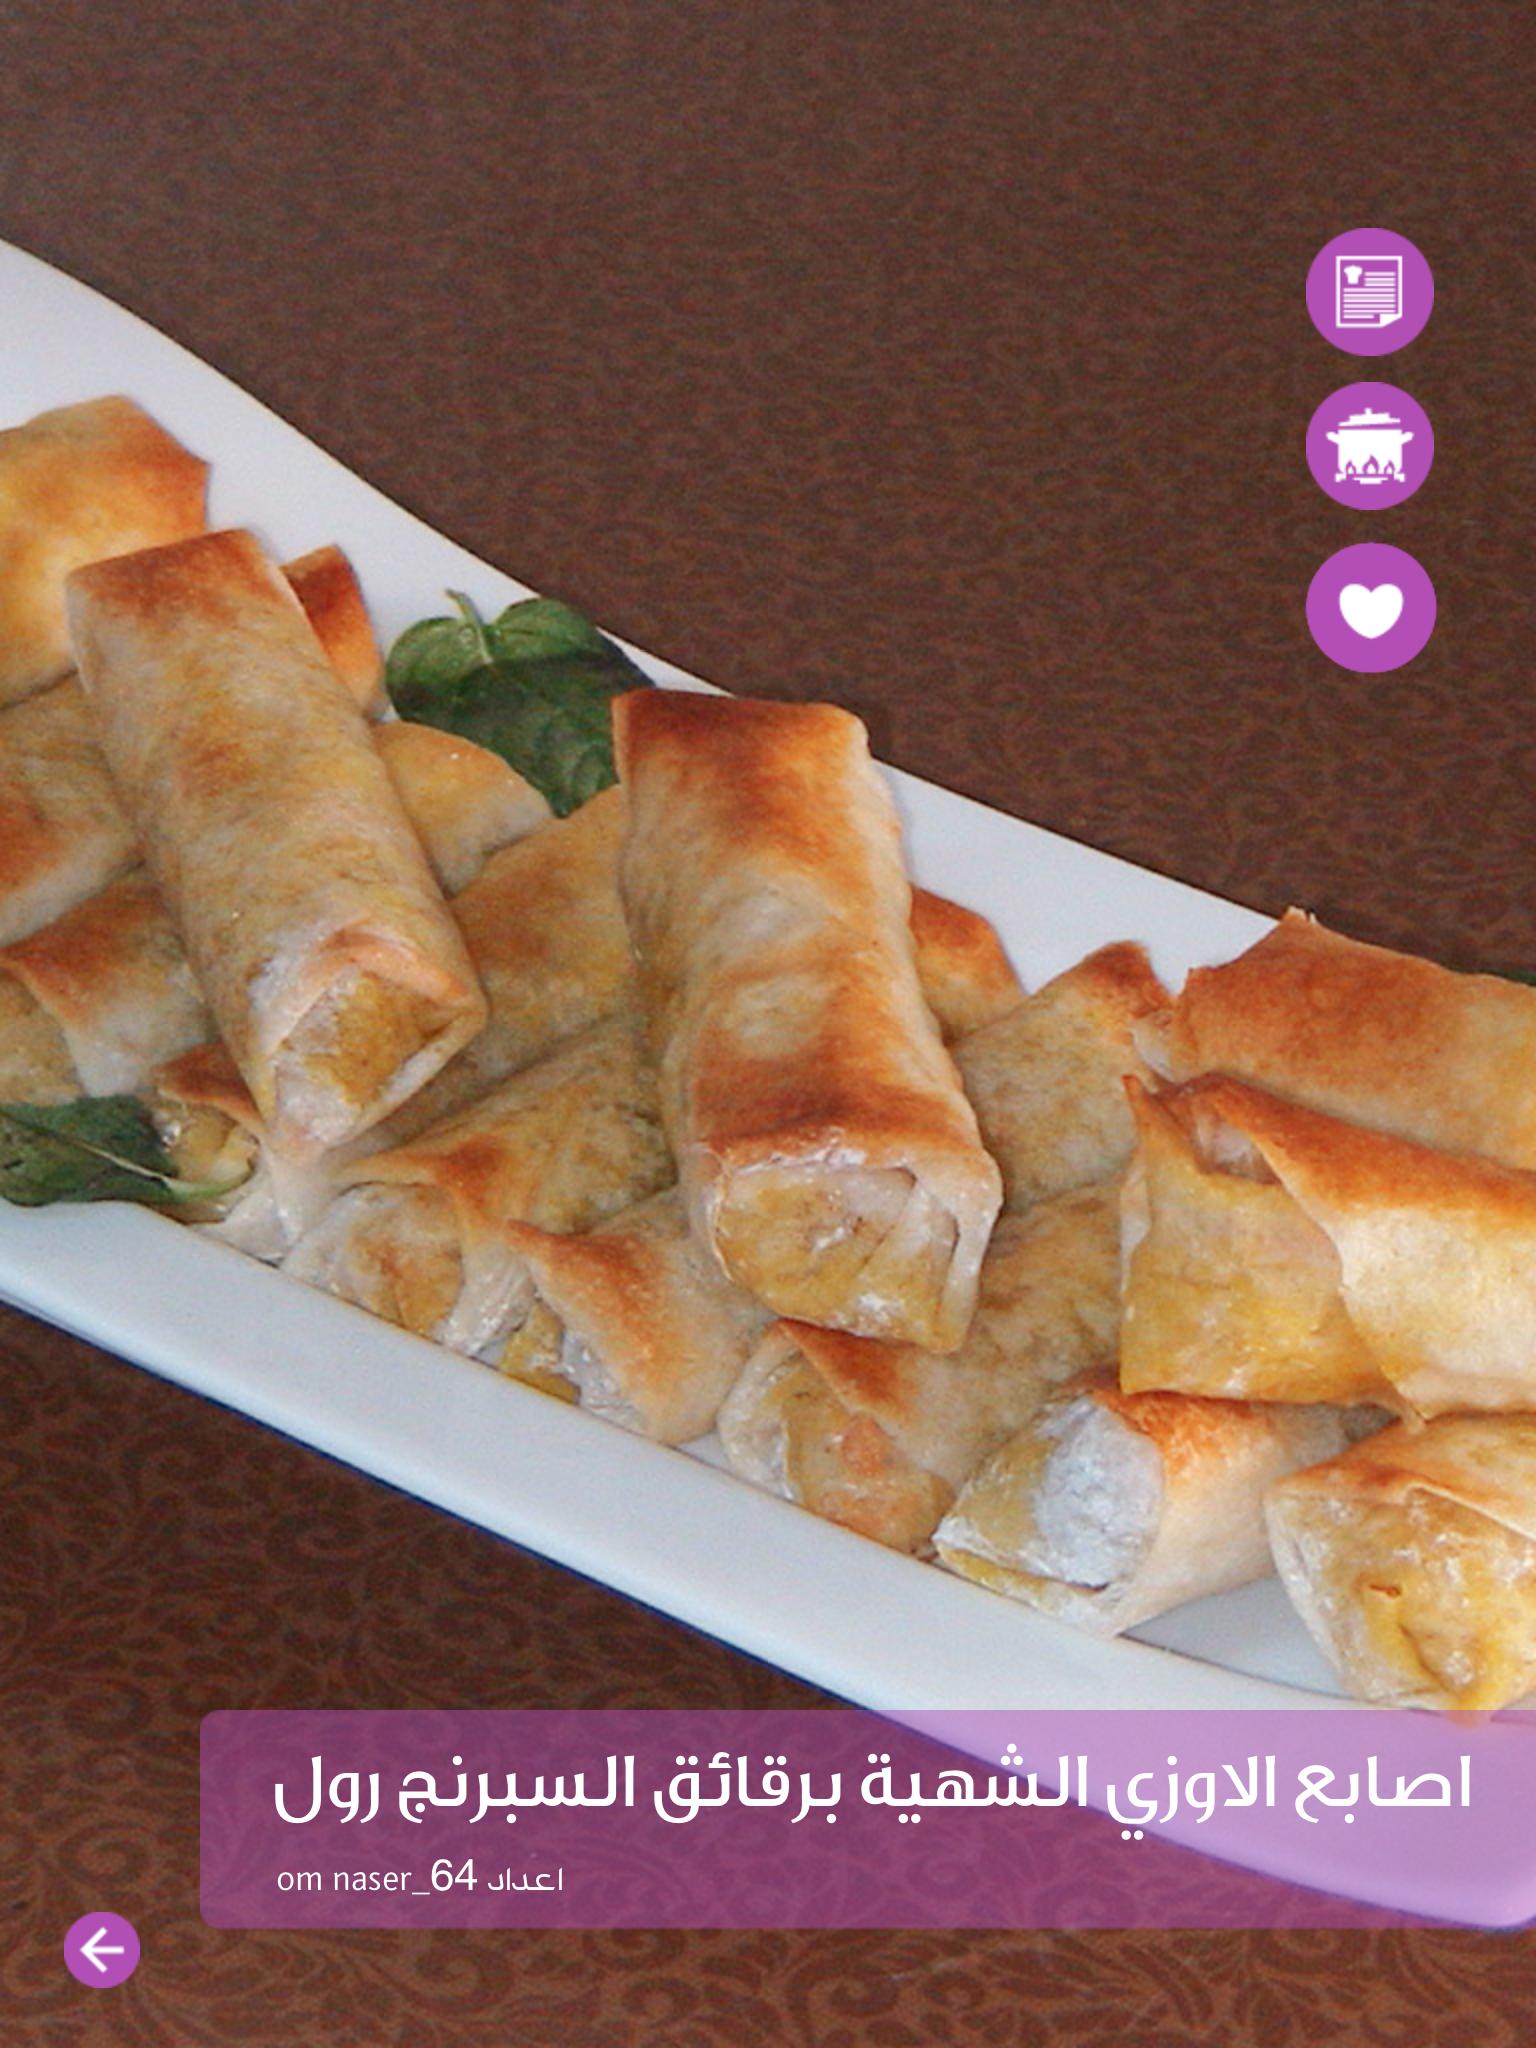 مجلة عالم حواء للطبخ هي مجلة إلكترونية متخصصة تحتوي وصفات لأشهر الأطباق الرئيسية وكافة أصناف الحلويات و المقبلات المختلفة Food Hot Dog Buns Dog Bun